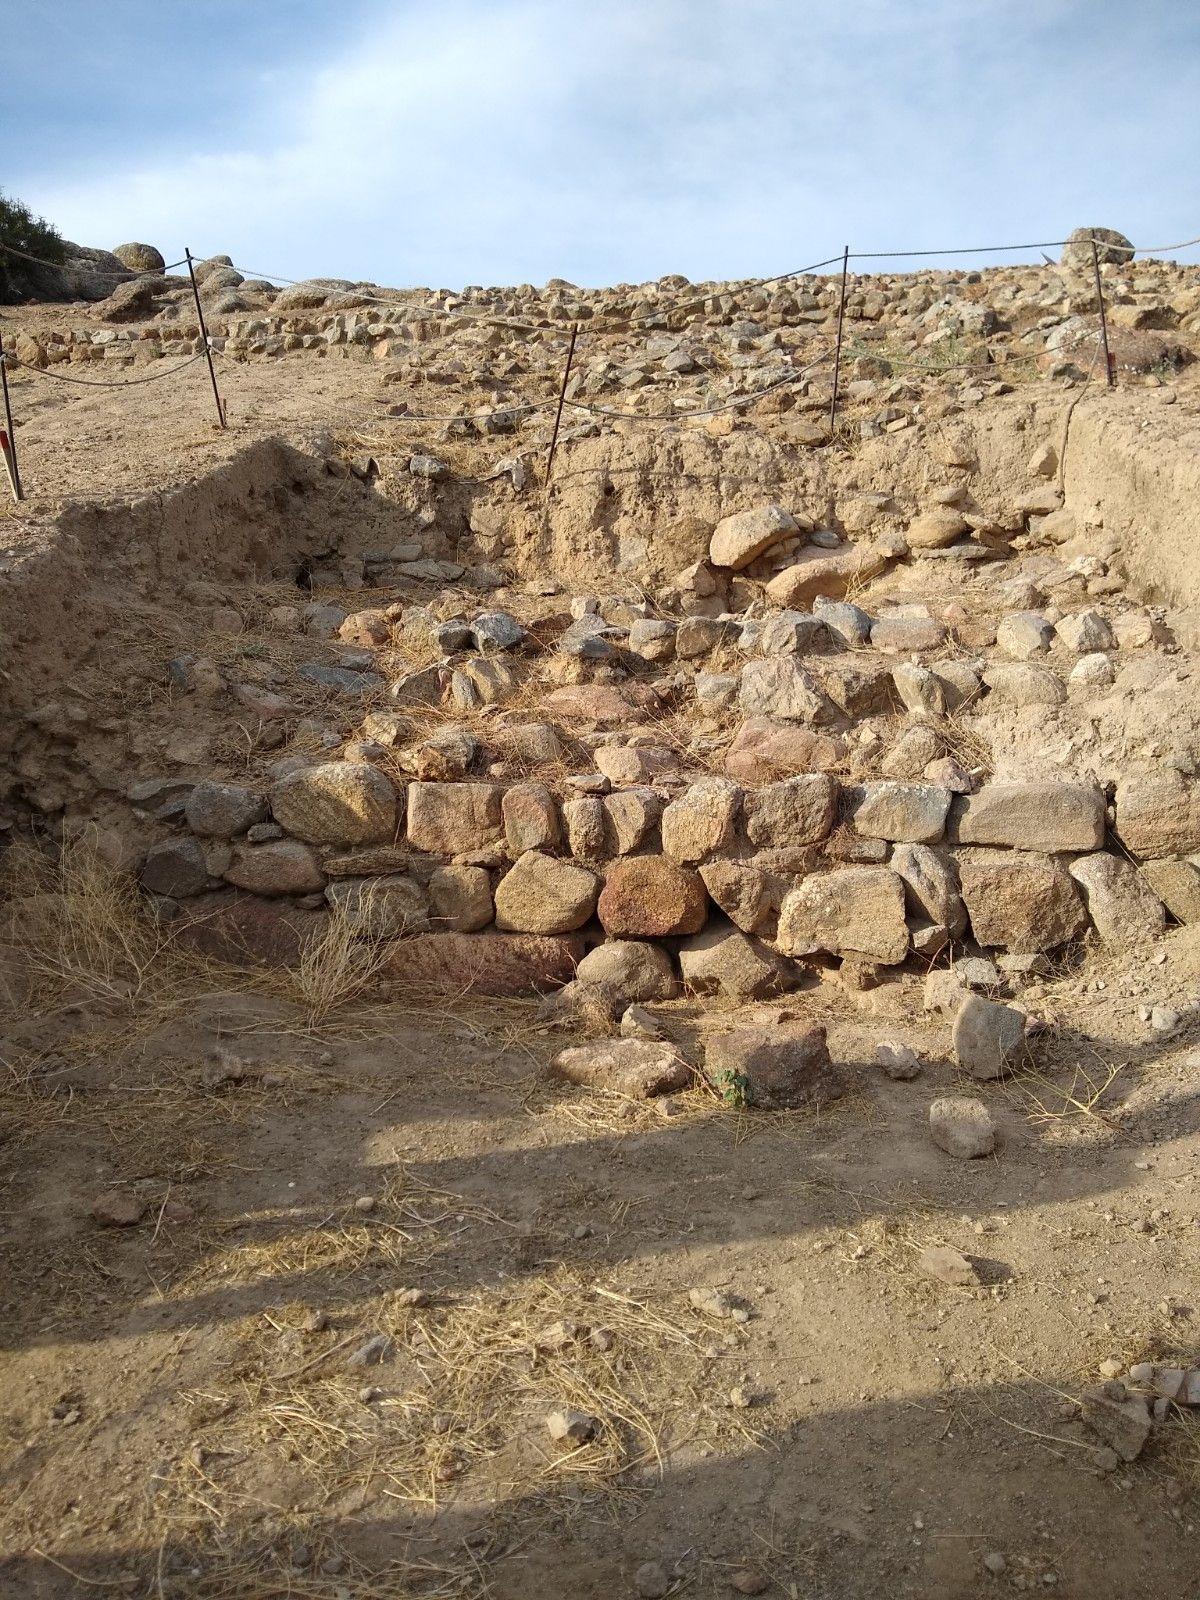 Cata abierta en la que se aprecian los restos de una construcción medieval, posiblemente una muralla